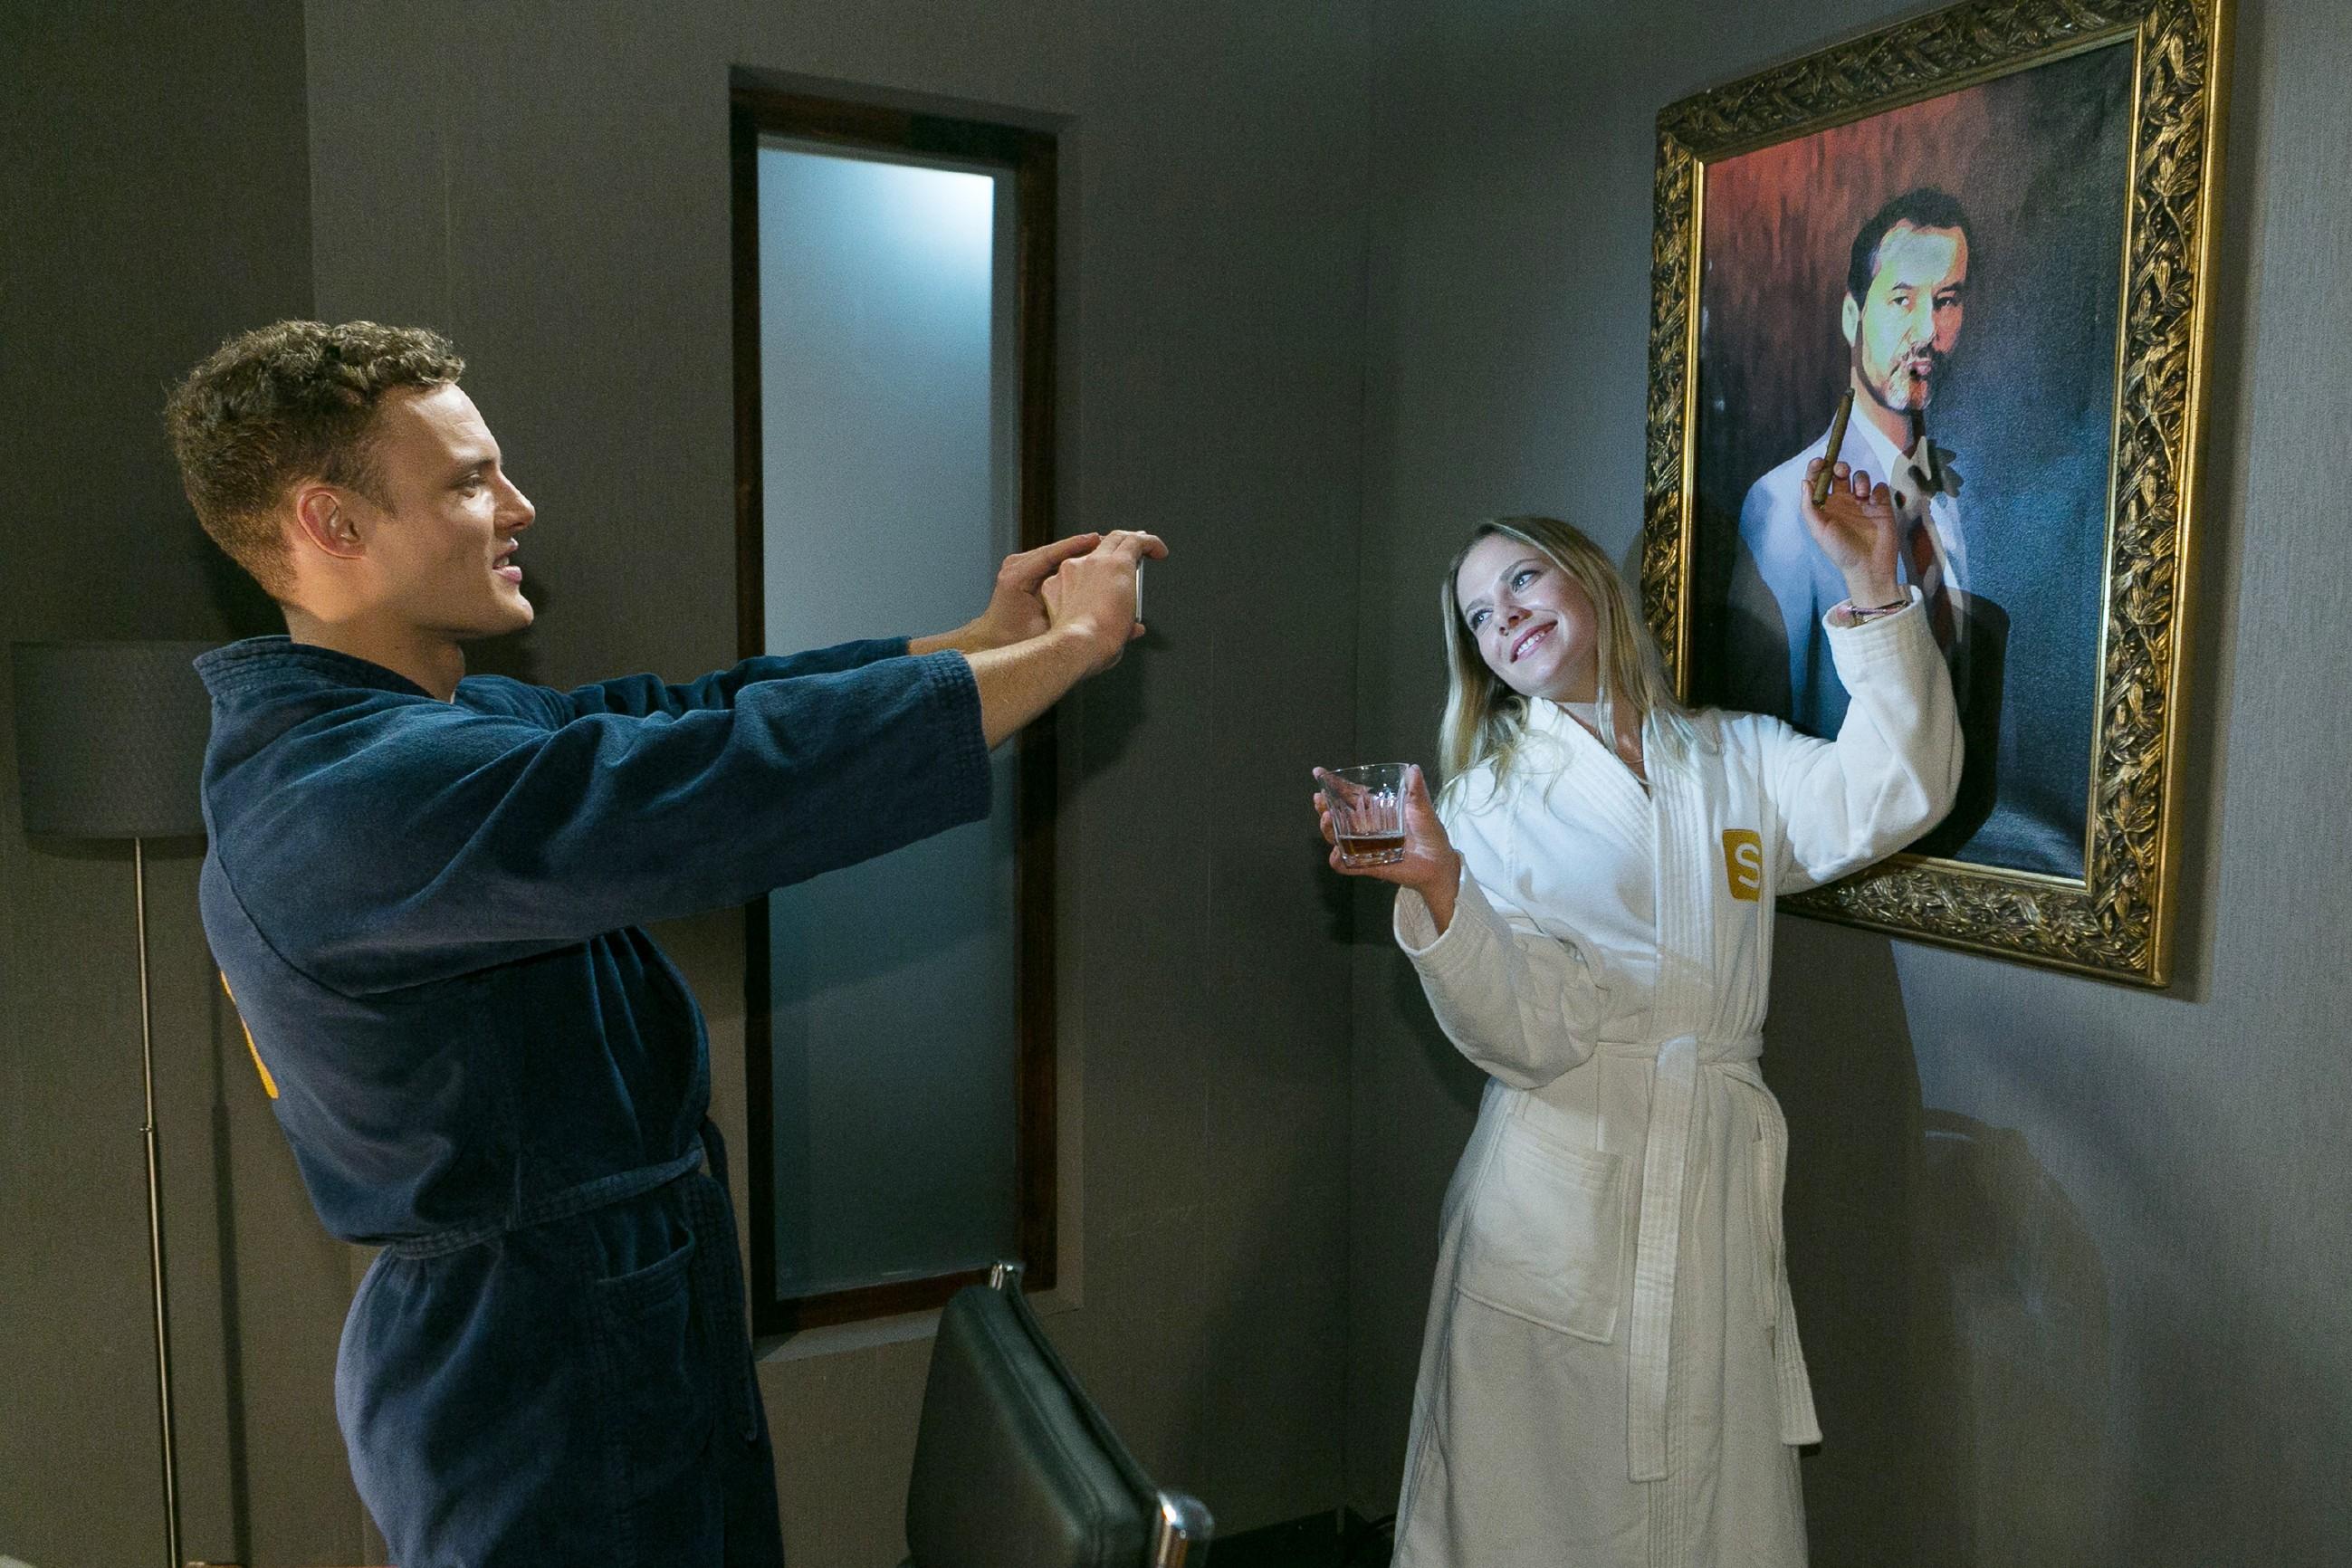 Als Tim (Robert Maaser) und Marie (Cheyenne Pahde) ausgelassen herumalbern, beschädigt Marie versehentlich Richards Gemälde... (Quelle: RTL / Kai Schulz)